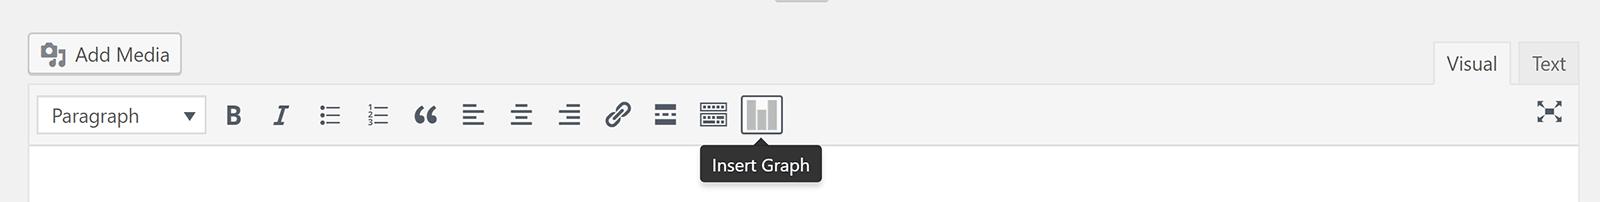 WordPress çizelgeleri və masalar düyməsini